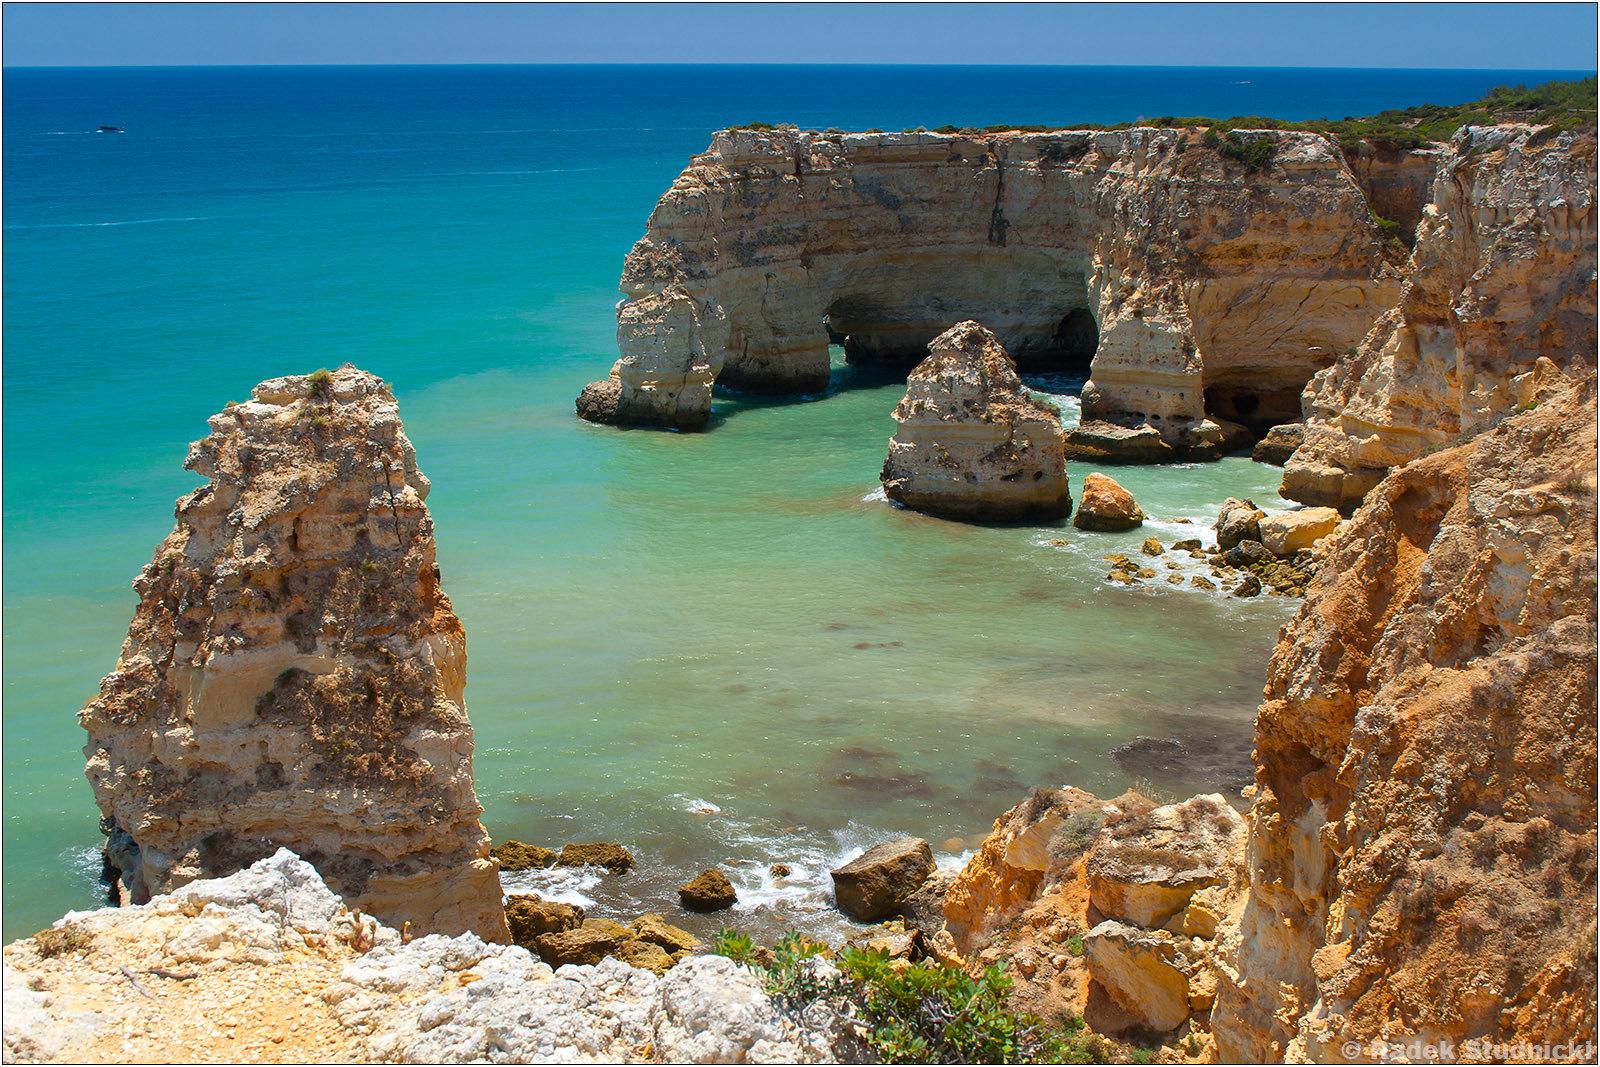 Algarve: Praia da Marinha